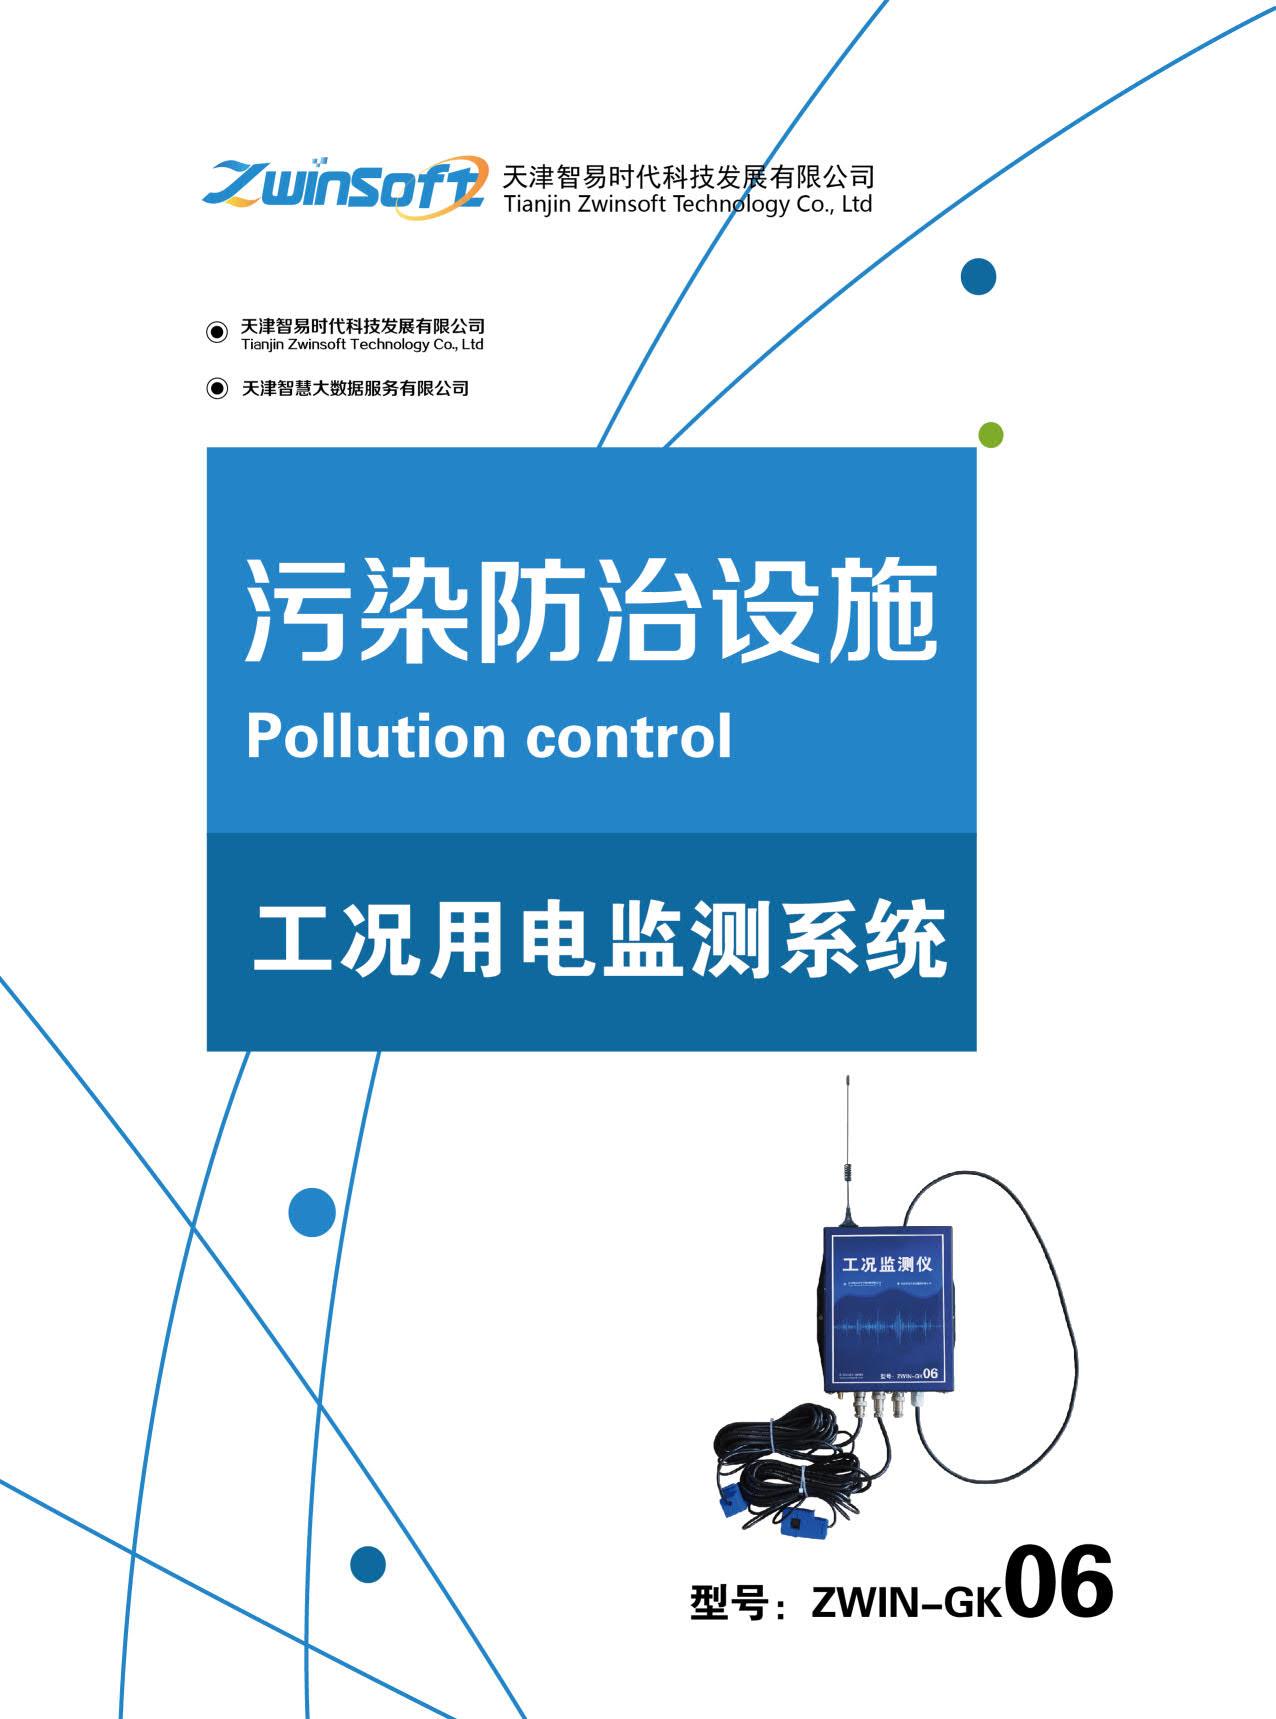 污染防治設施-ZWIN-GK06工況用電監測系統